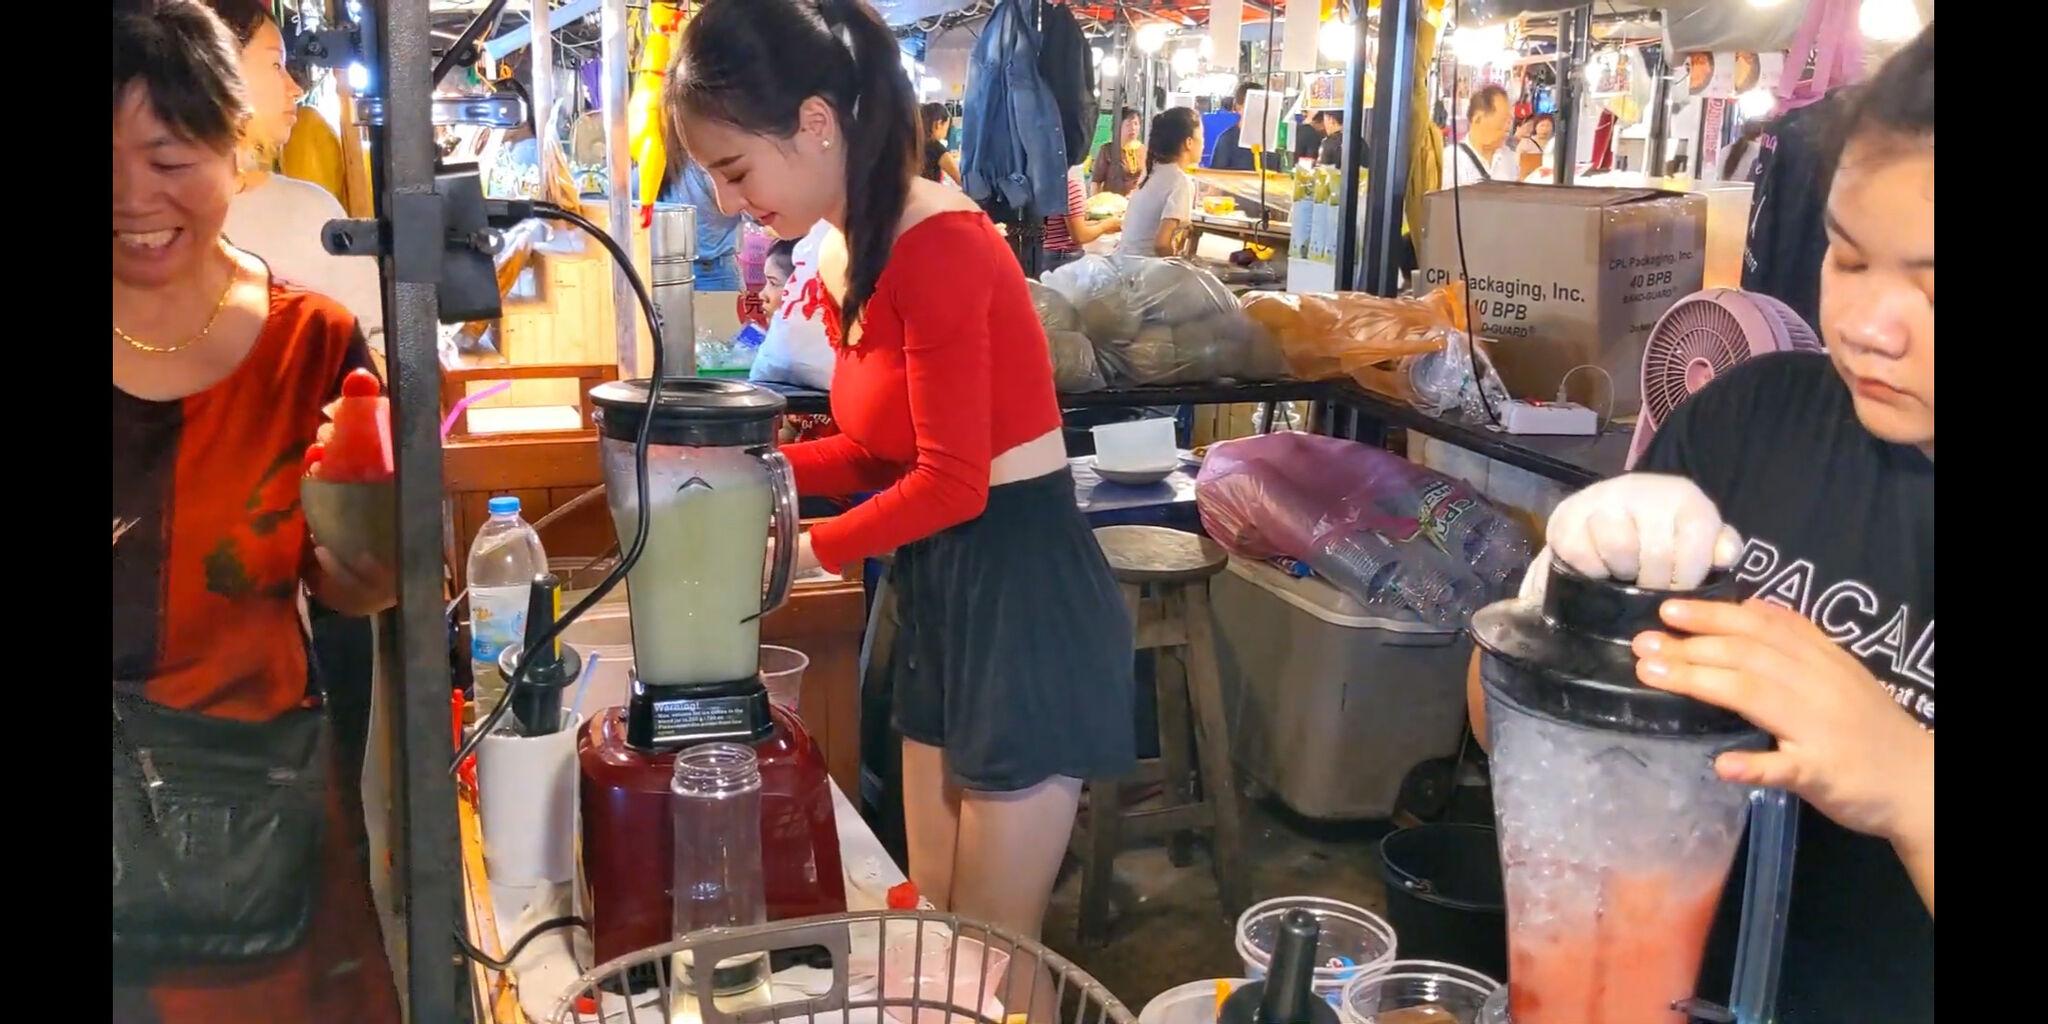 【画像】タイの屋台のお姉さん、エッチすぎる